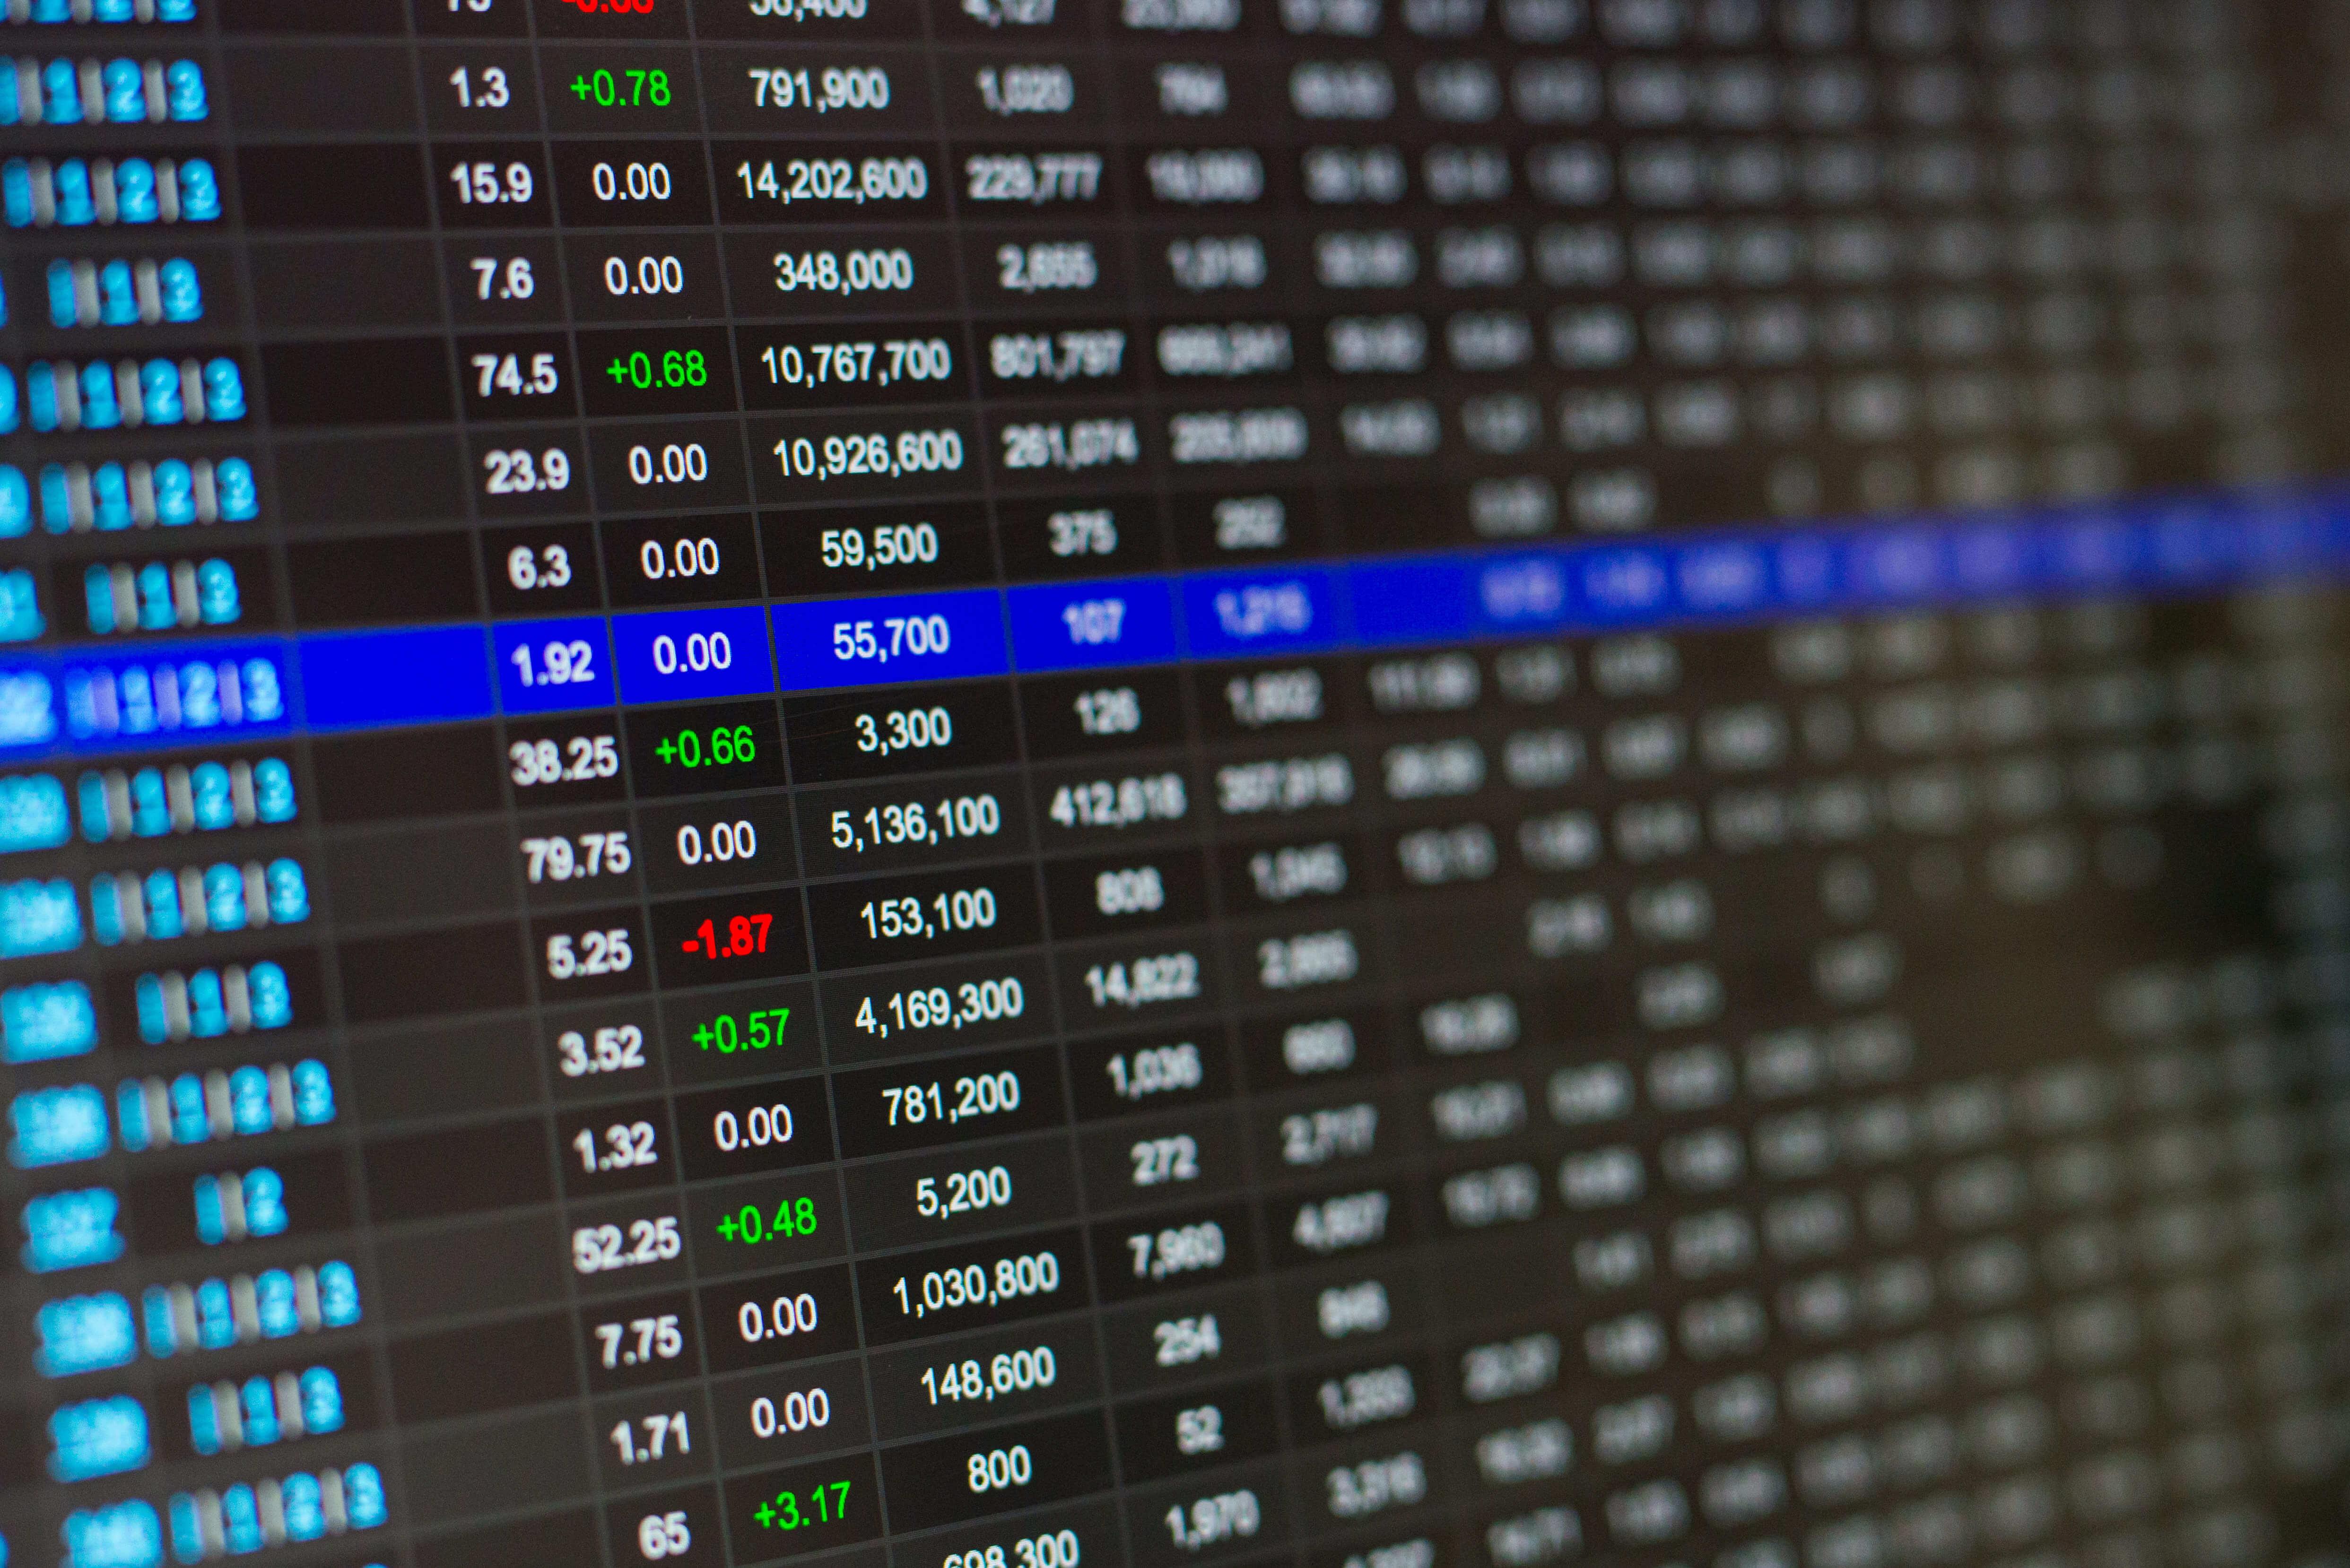 Kodėl Verta Investuoti į Kriptovaliutas?, Kriptovaliutų investicija m